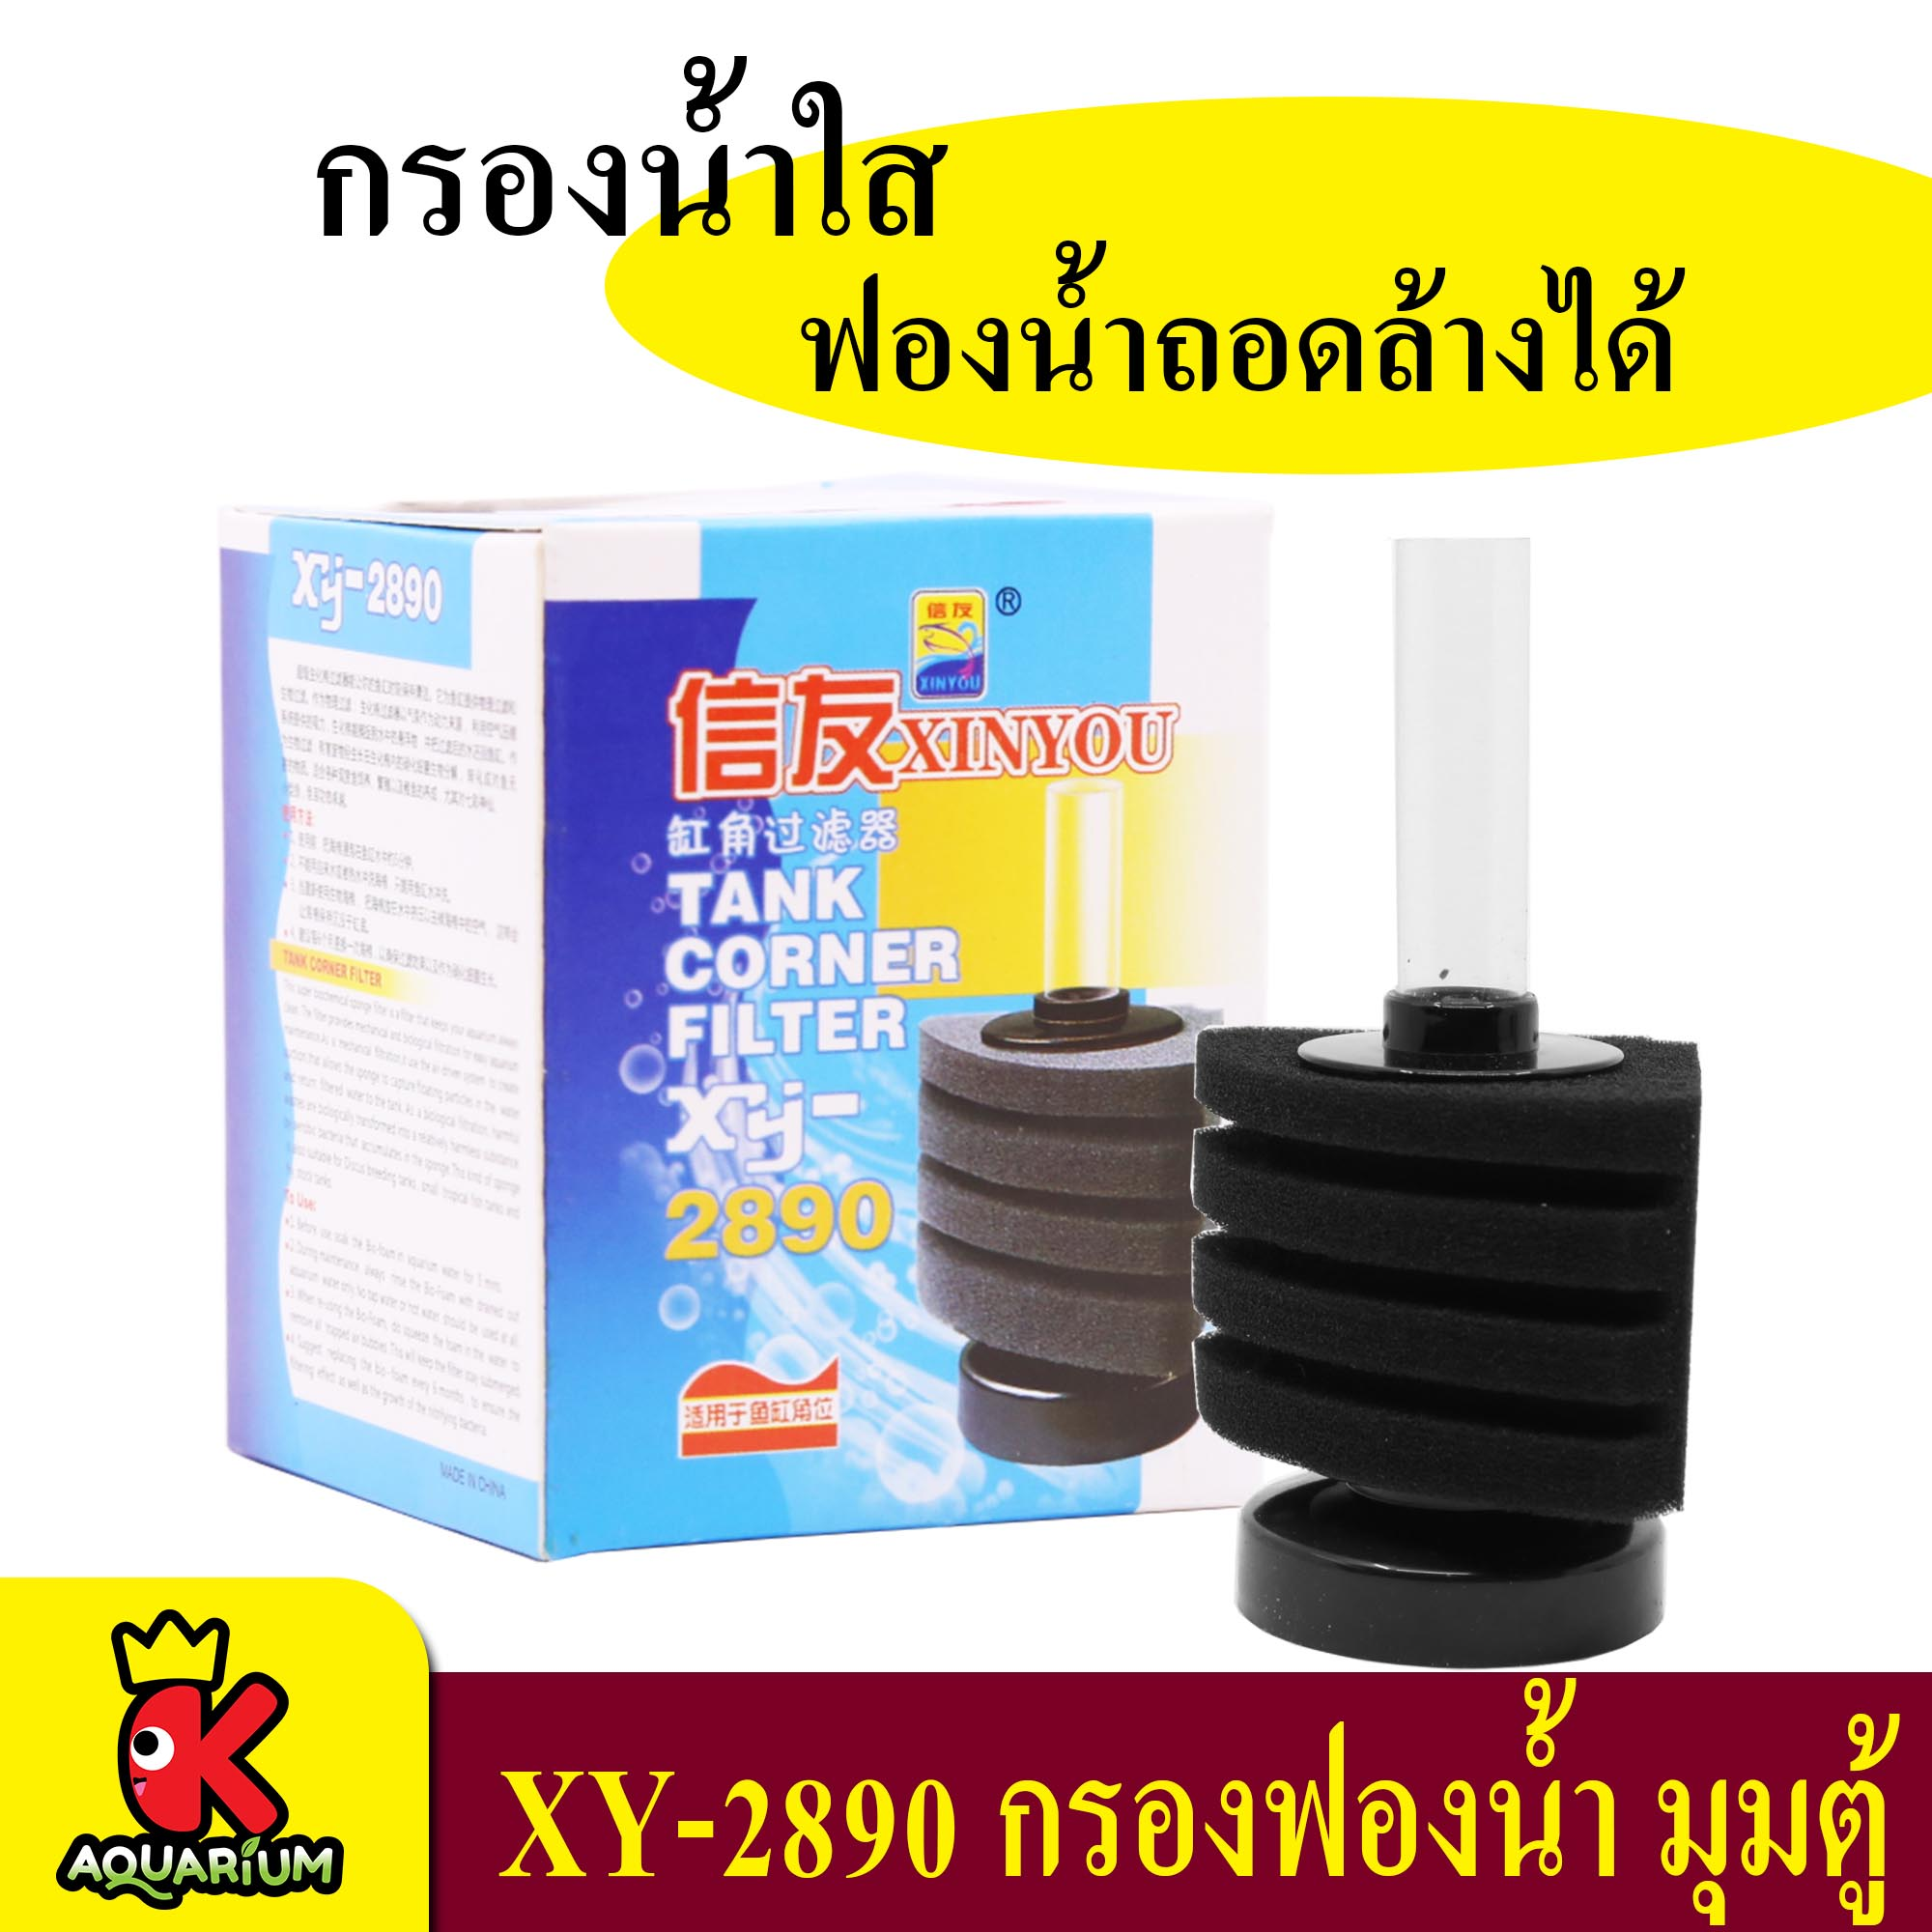 กรองฟองน้ำเข้ามุมตู้ XINYOU XY-2890(กรองฟองน้ำสำหรับกรองน้ำให้ใสสะอาด ยืดอายุการถ่ายน้ำ)